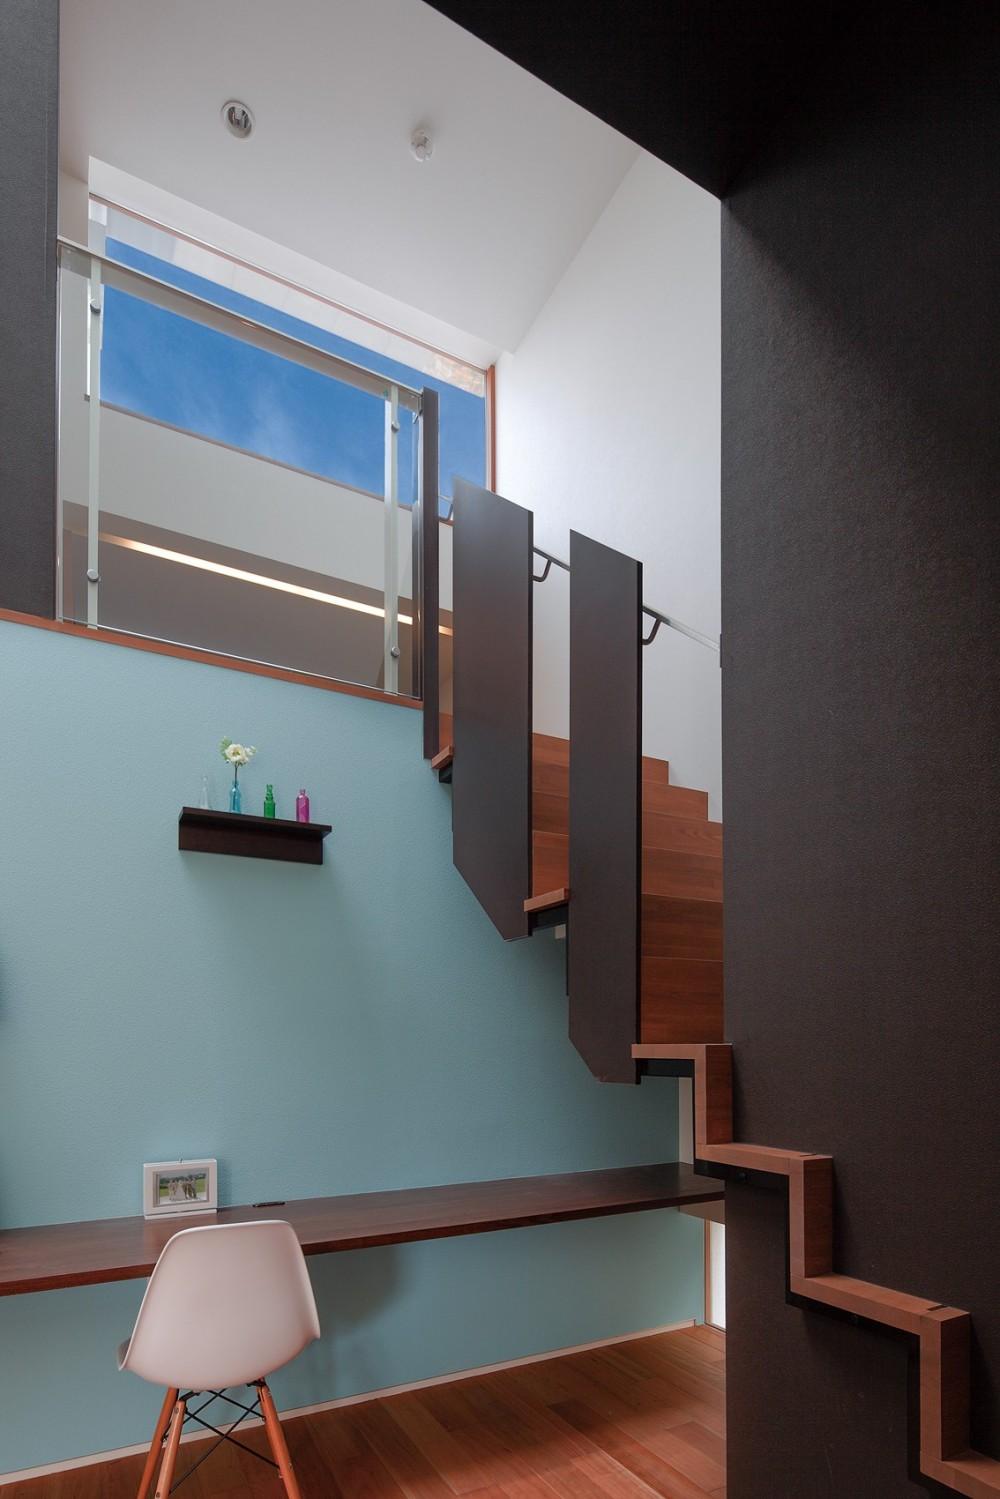 仕事場のある住まい|あなたの場所・自分の居場所を創る|みずみずしいブルーが印象的なWorking Space (ソラに向かう階段)